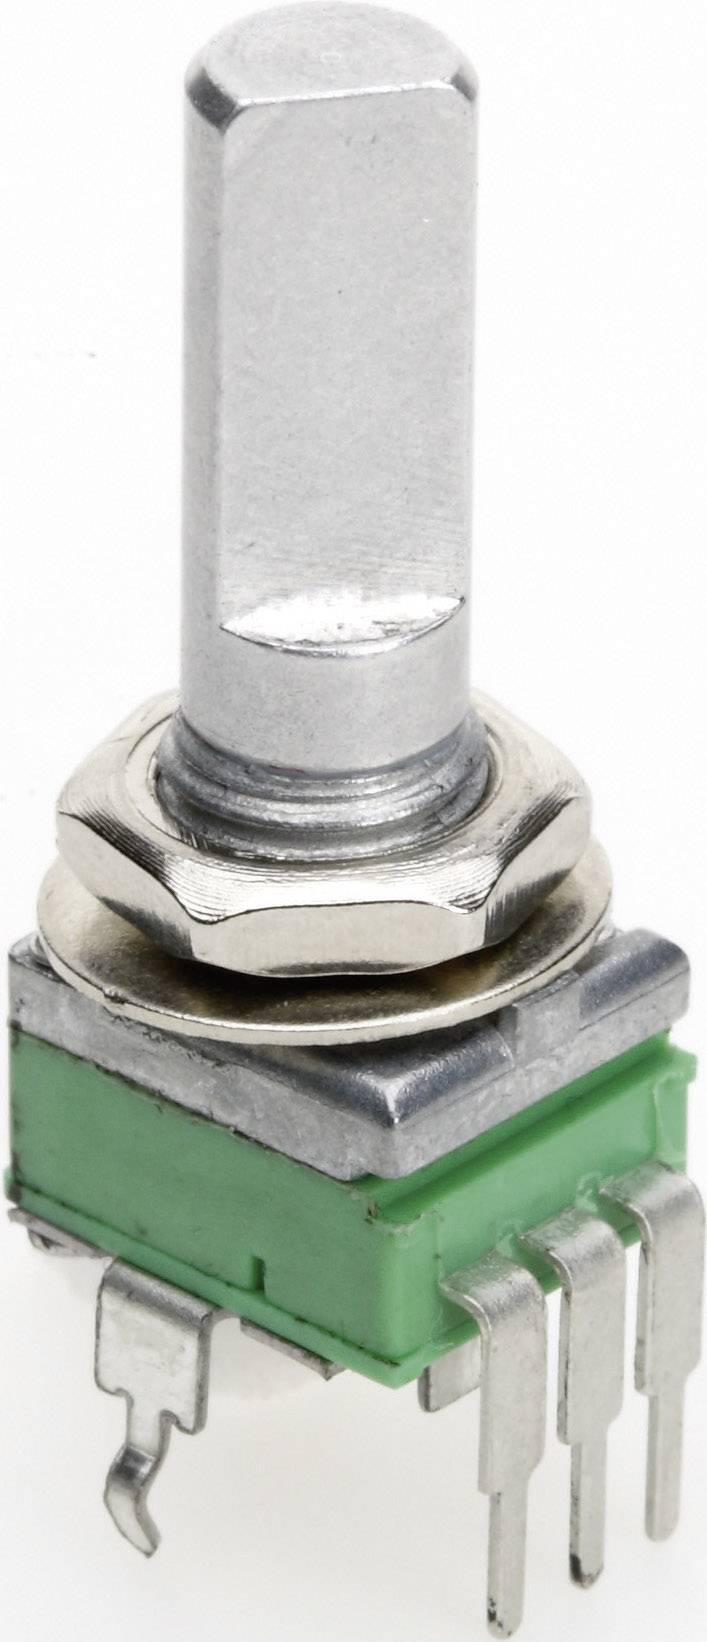 Cermetový potenciometer TT Electro, 4113103545, 10 kΩ, ± 20%